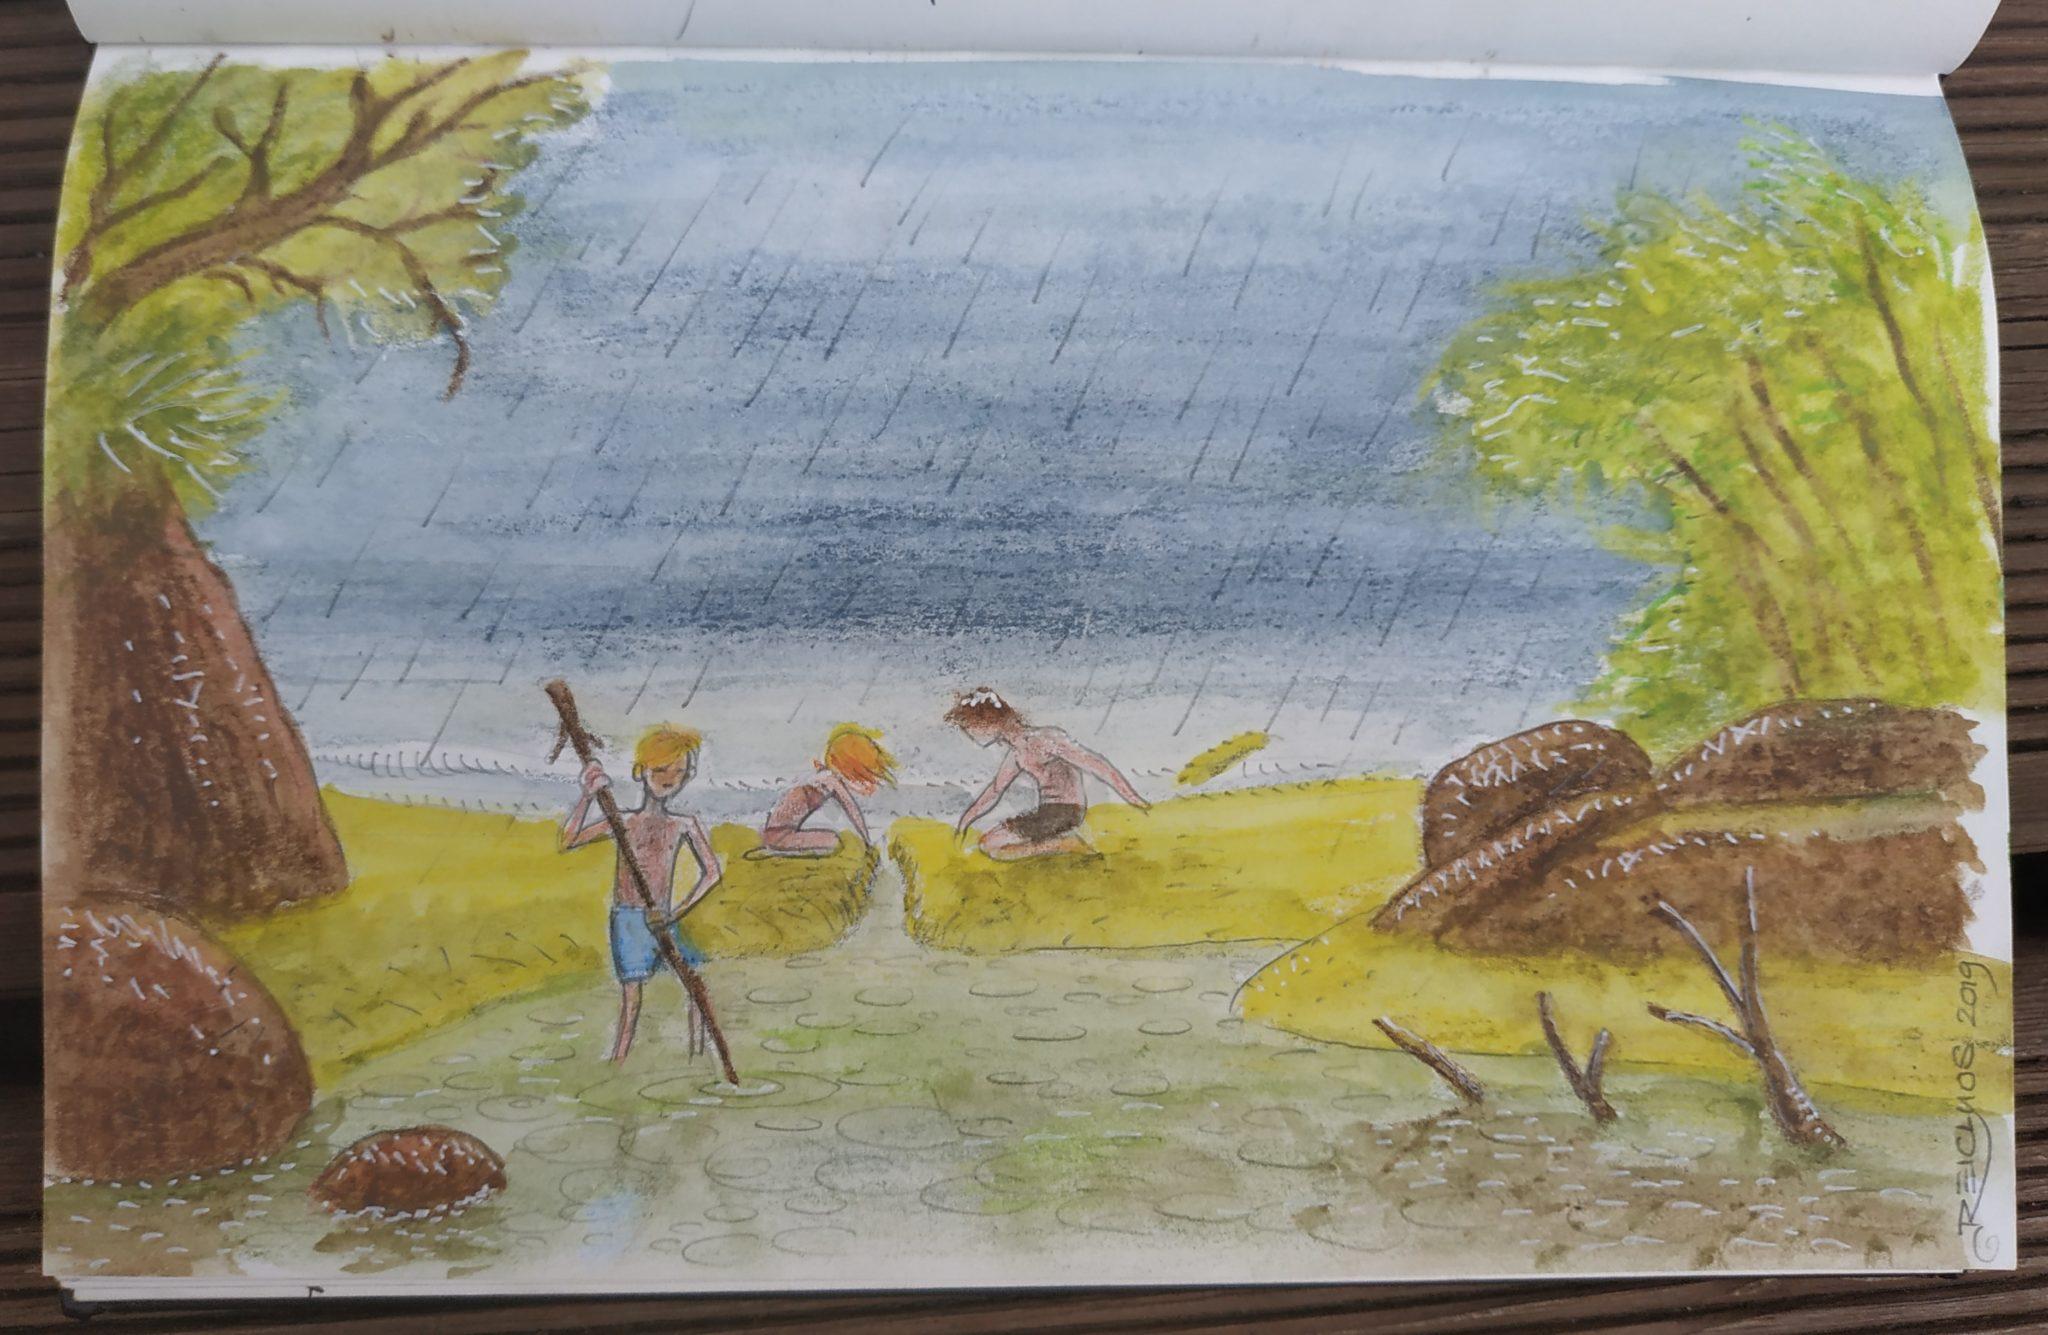 Indonésie - Déluge à Rimba Ecolodge (dessin)